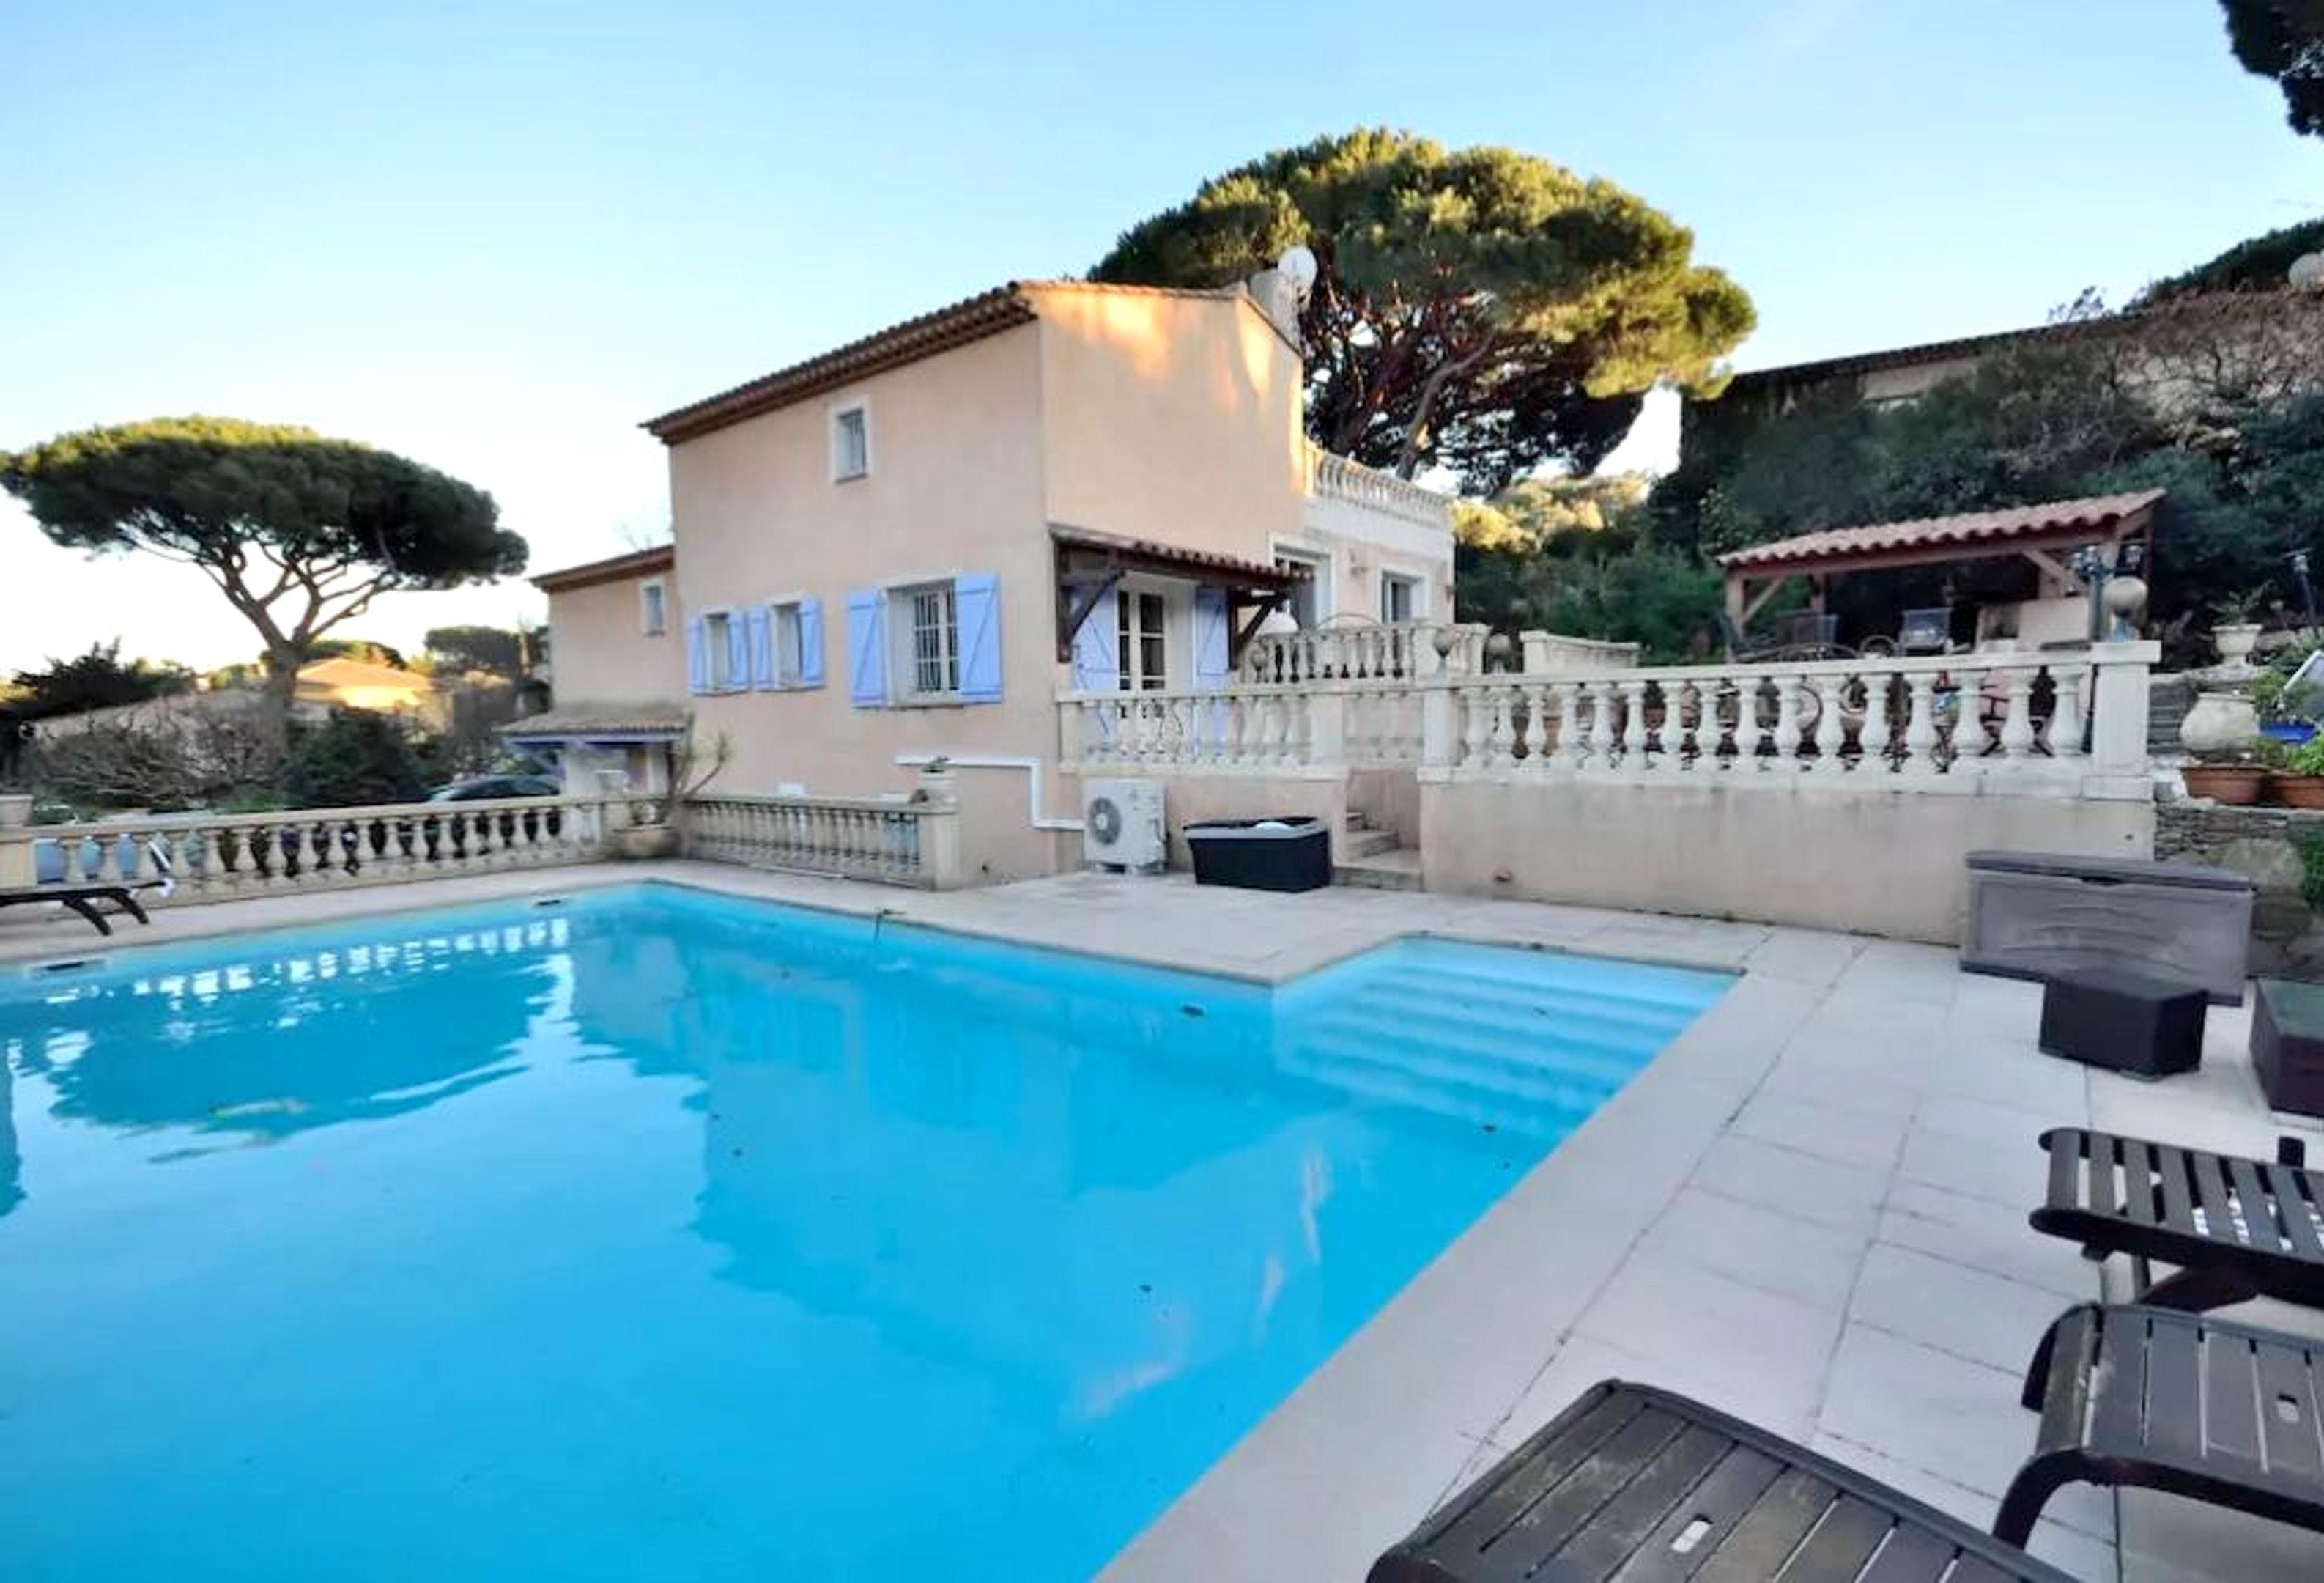 Villa mit 3 Schlafzimmern in Sainte Maxime mit privatem Pool eingezäuntem Garten und W LAN 1 km vom Strand entfernt